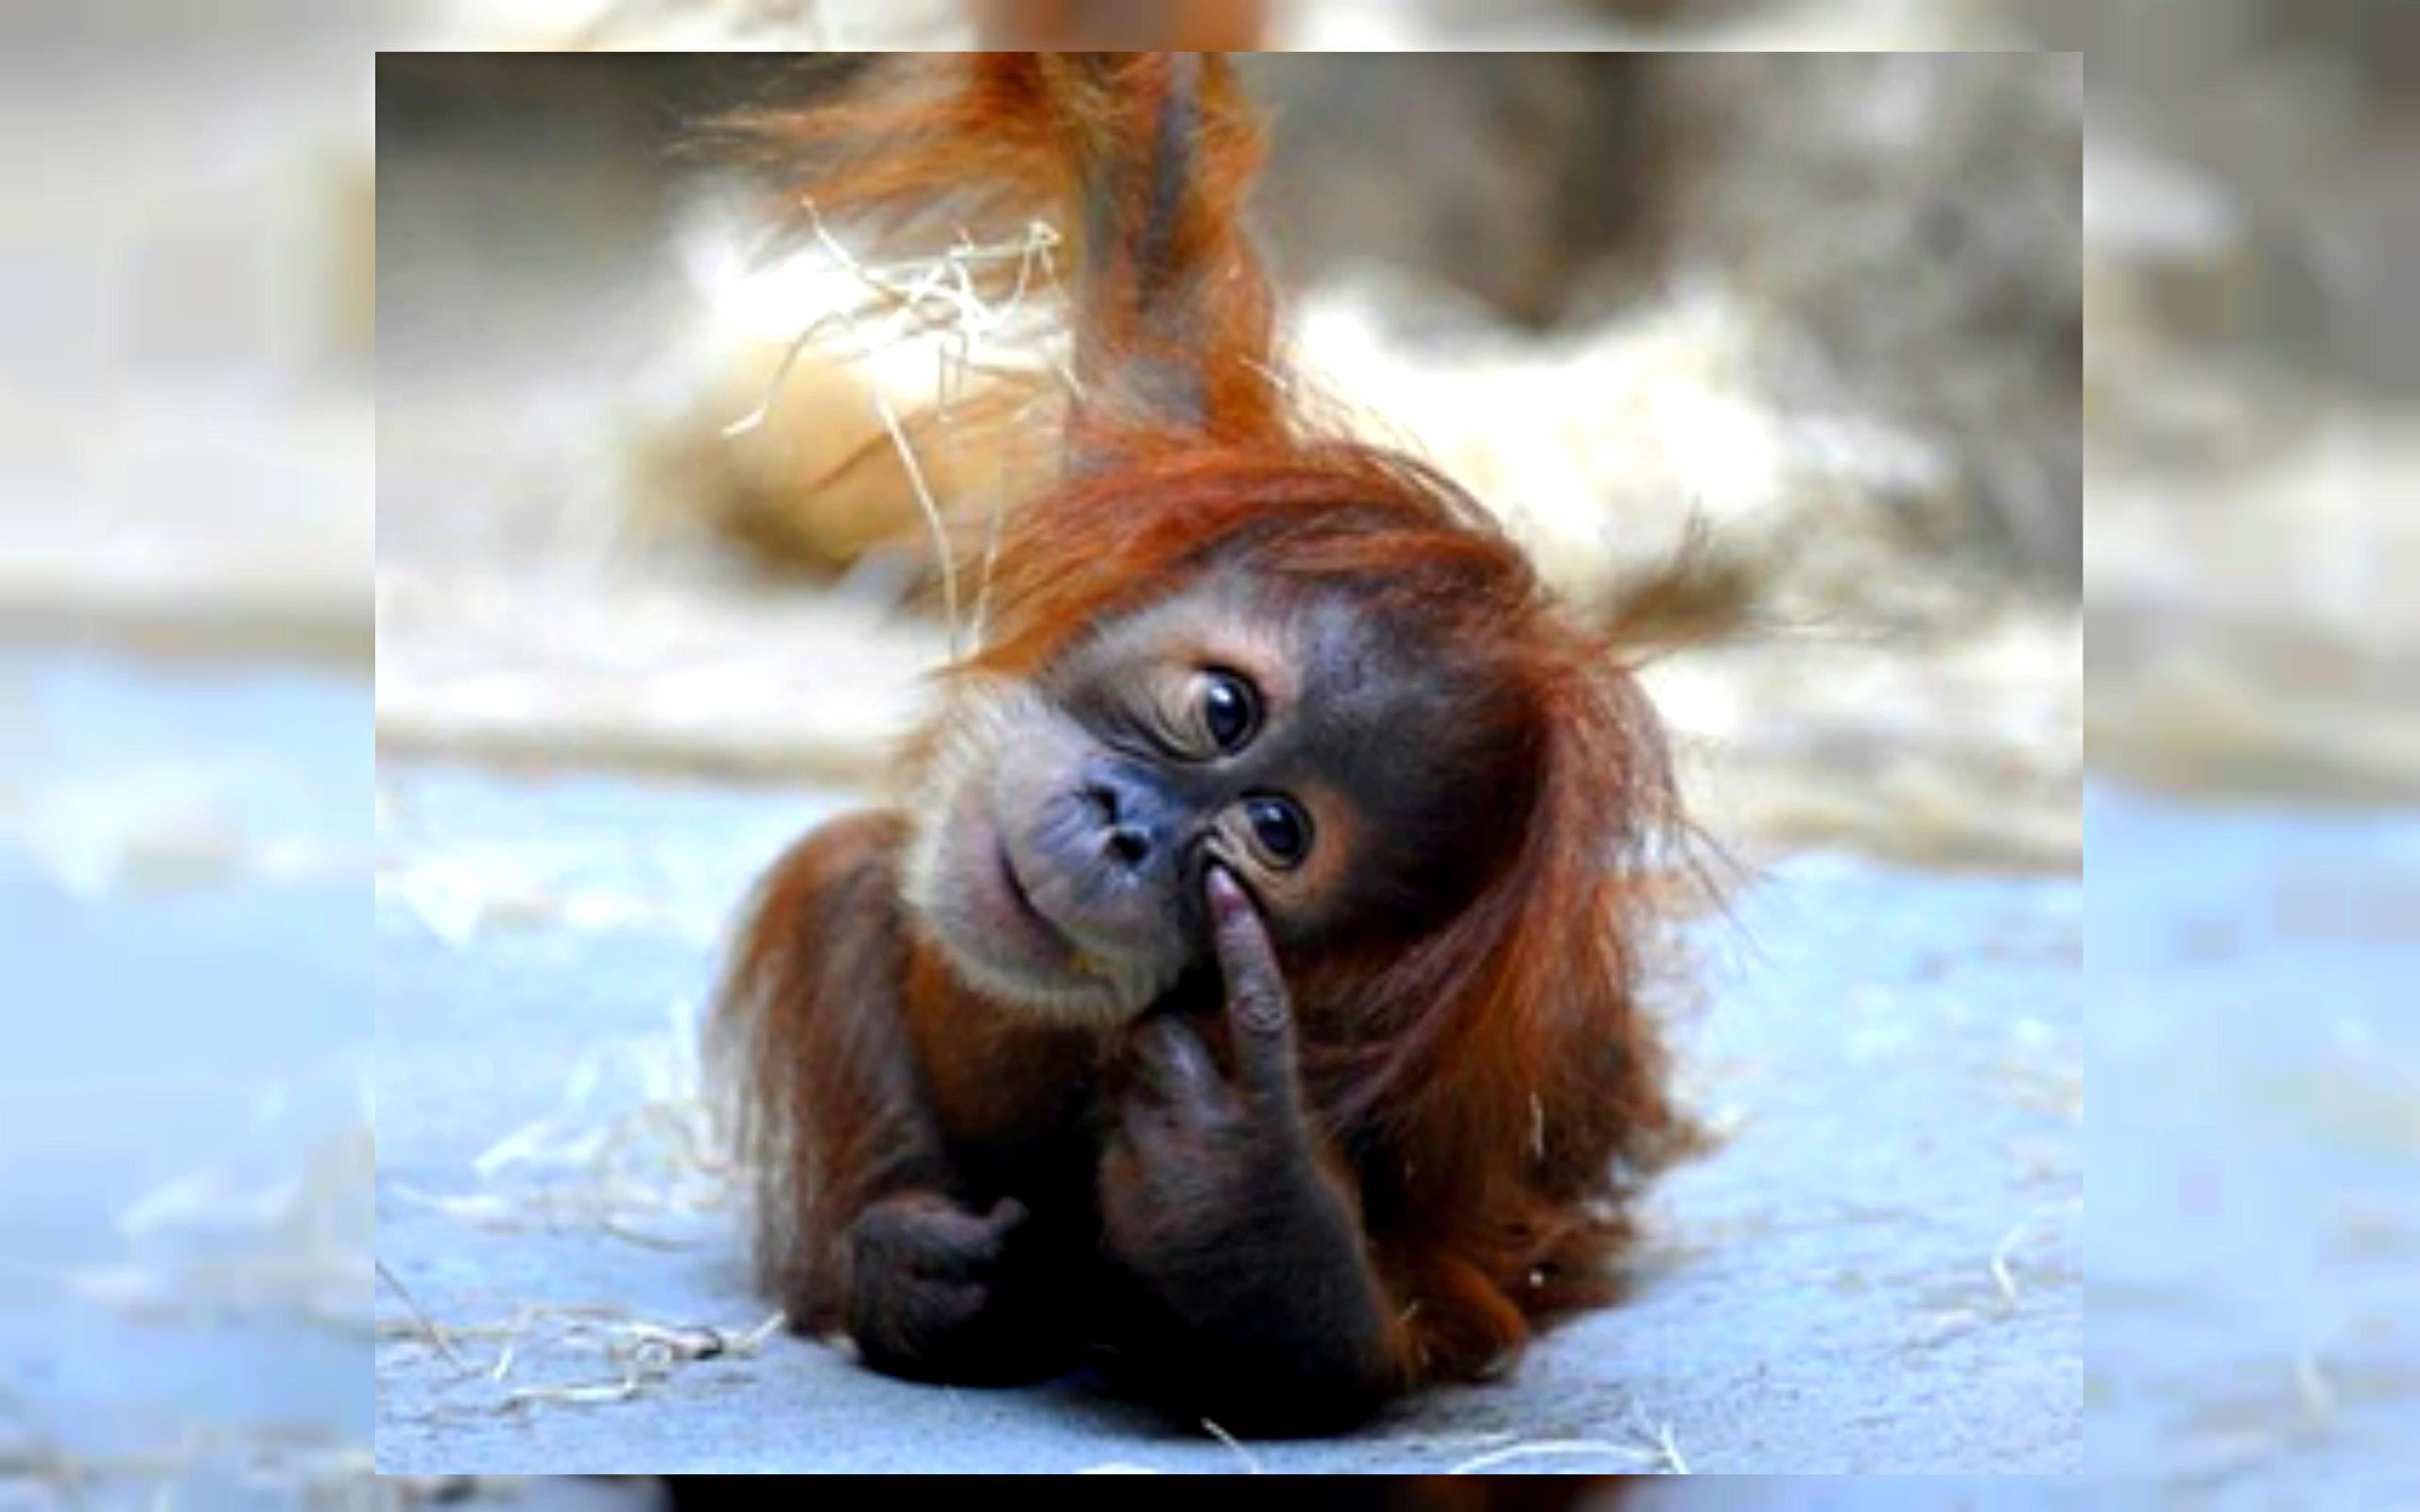 Universitas di Melbourne bekerja sama dengan kebun binatang di kota tersebut untuk melakukan penelitian terhadap orangutan.